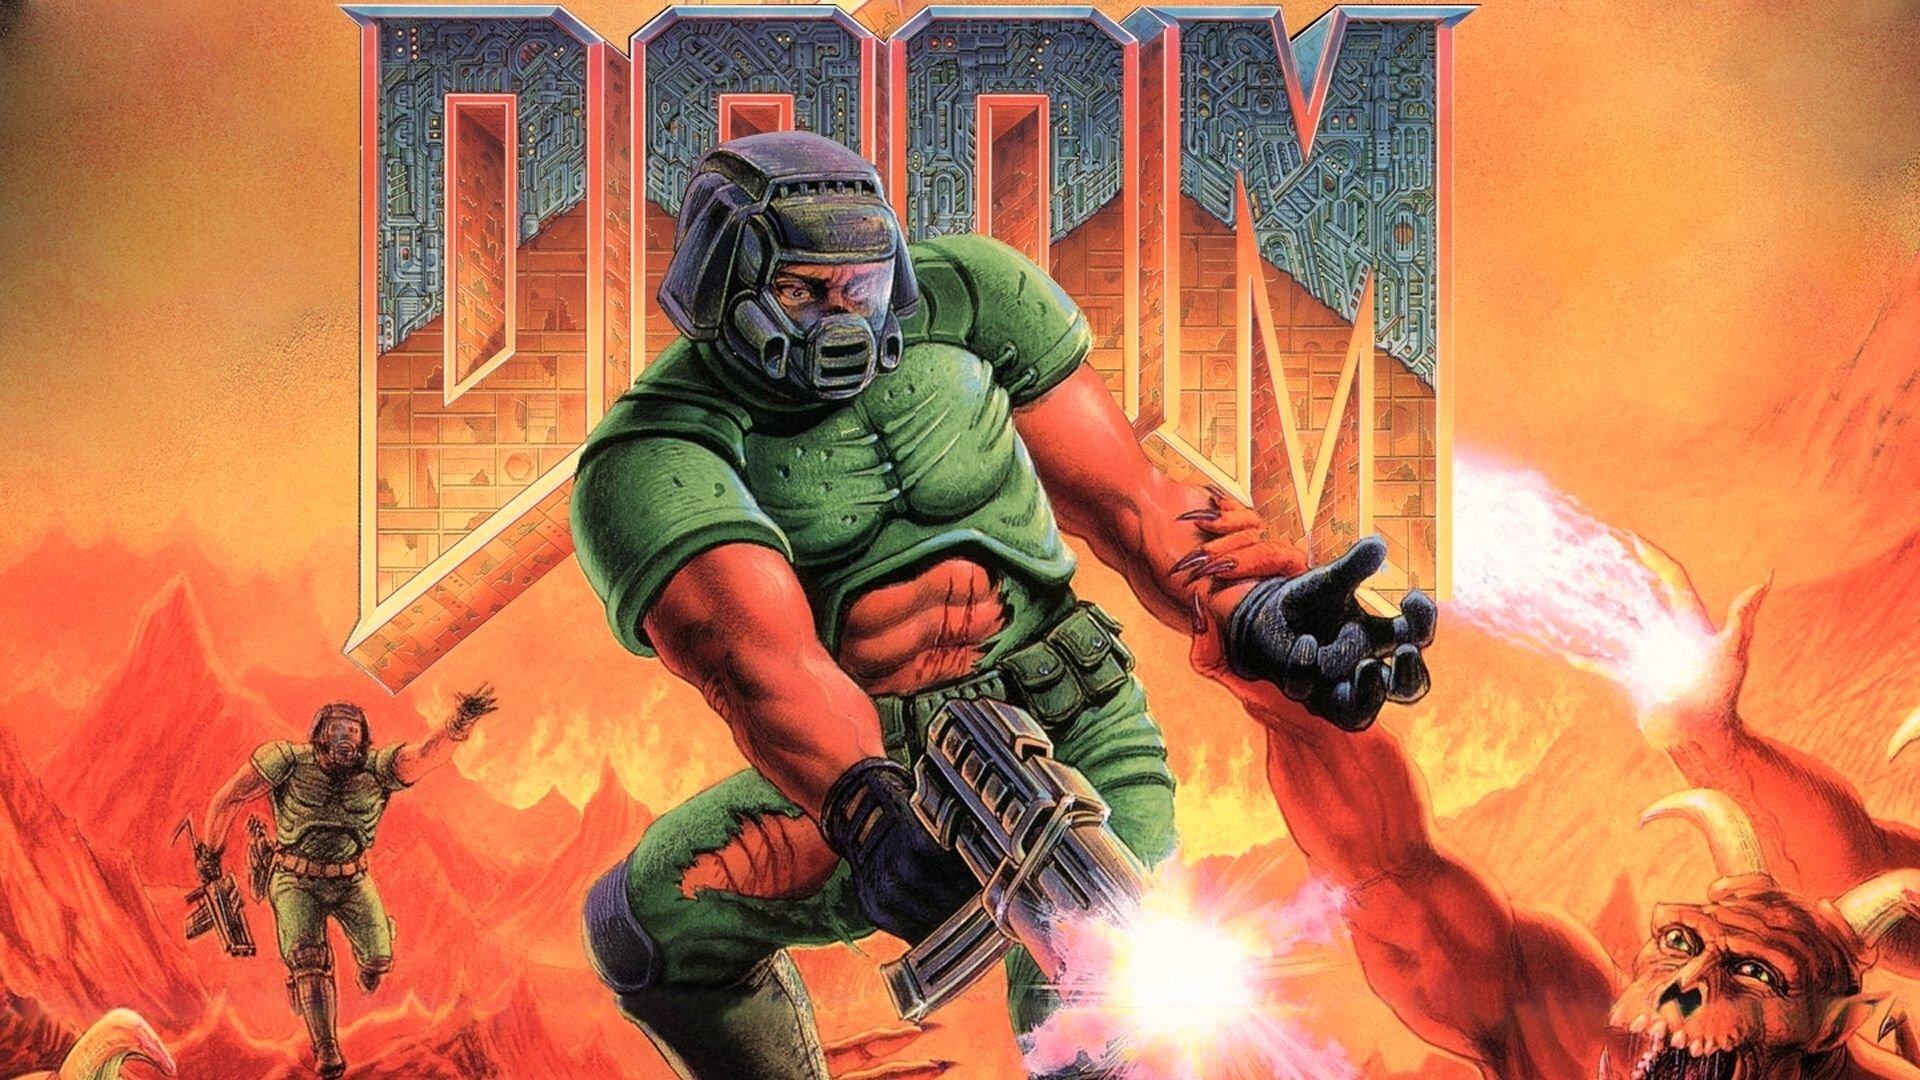 Вечная классика: чему современным экшен-играм стоит поучиться у DOOM - 1